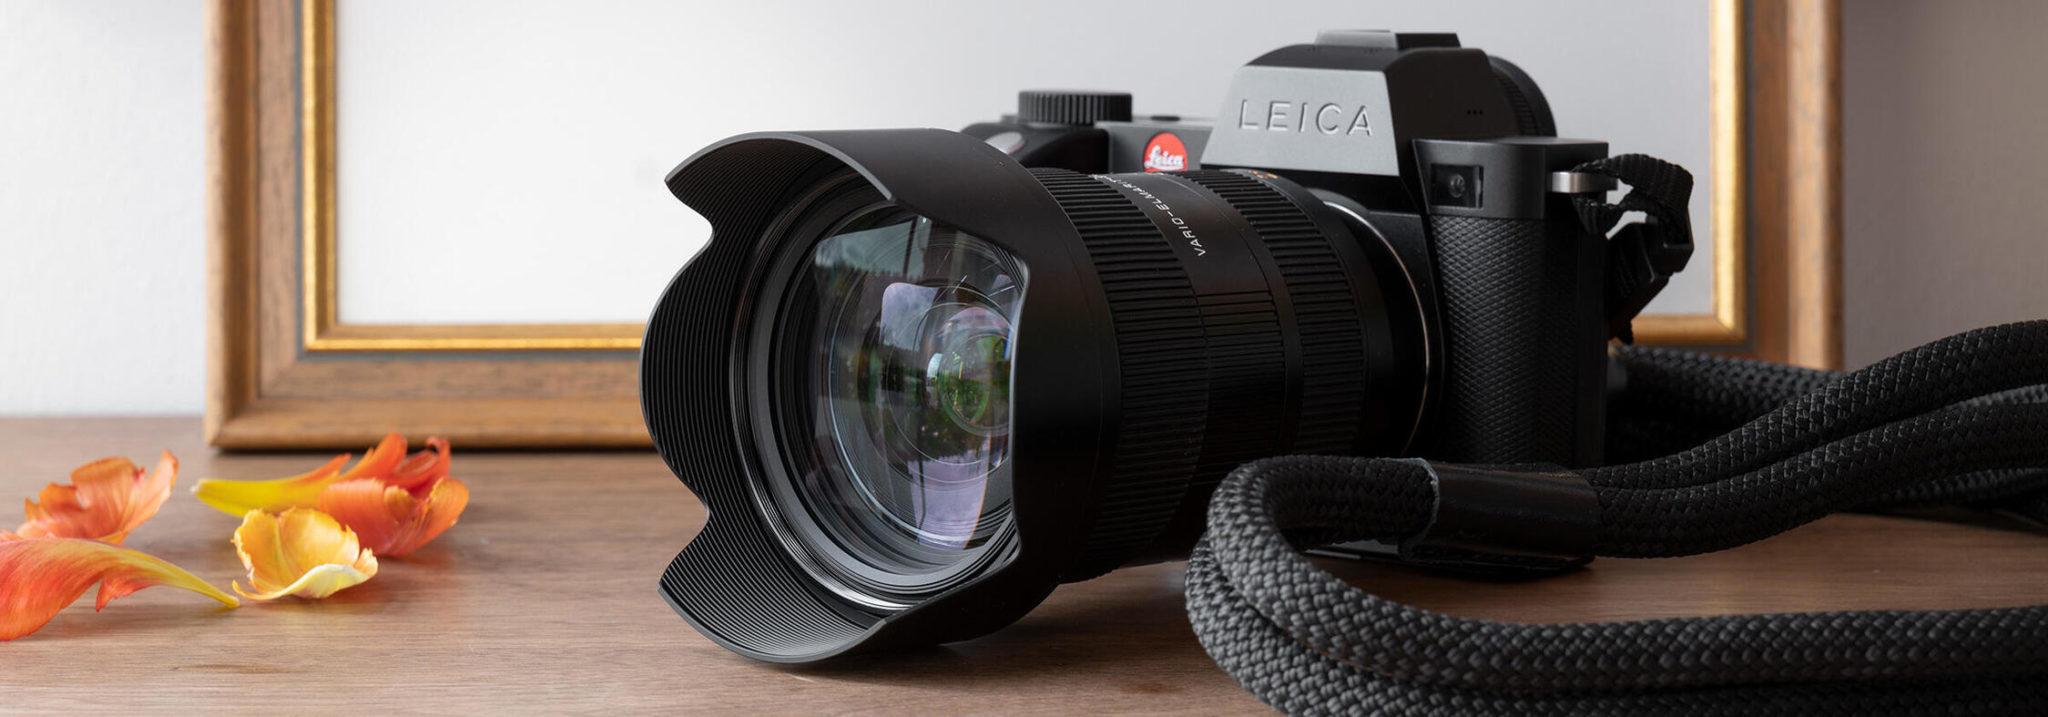 Примеры снимков на объектив Leica Vario-Elmarit-SL 24-70mm F/2.8 ASPH